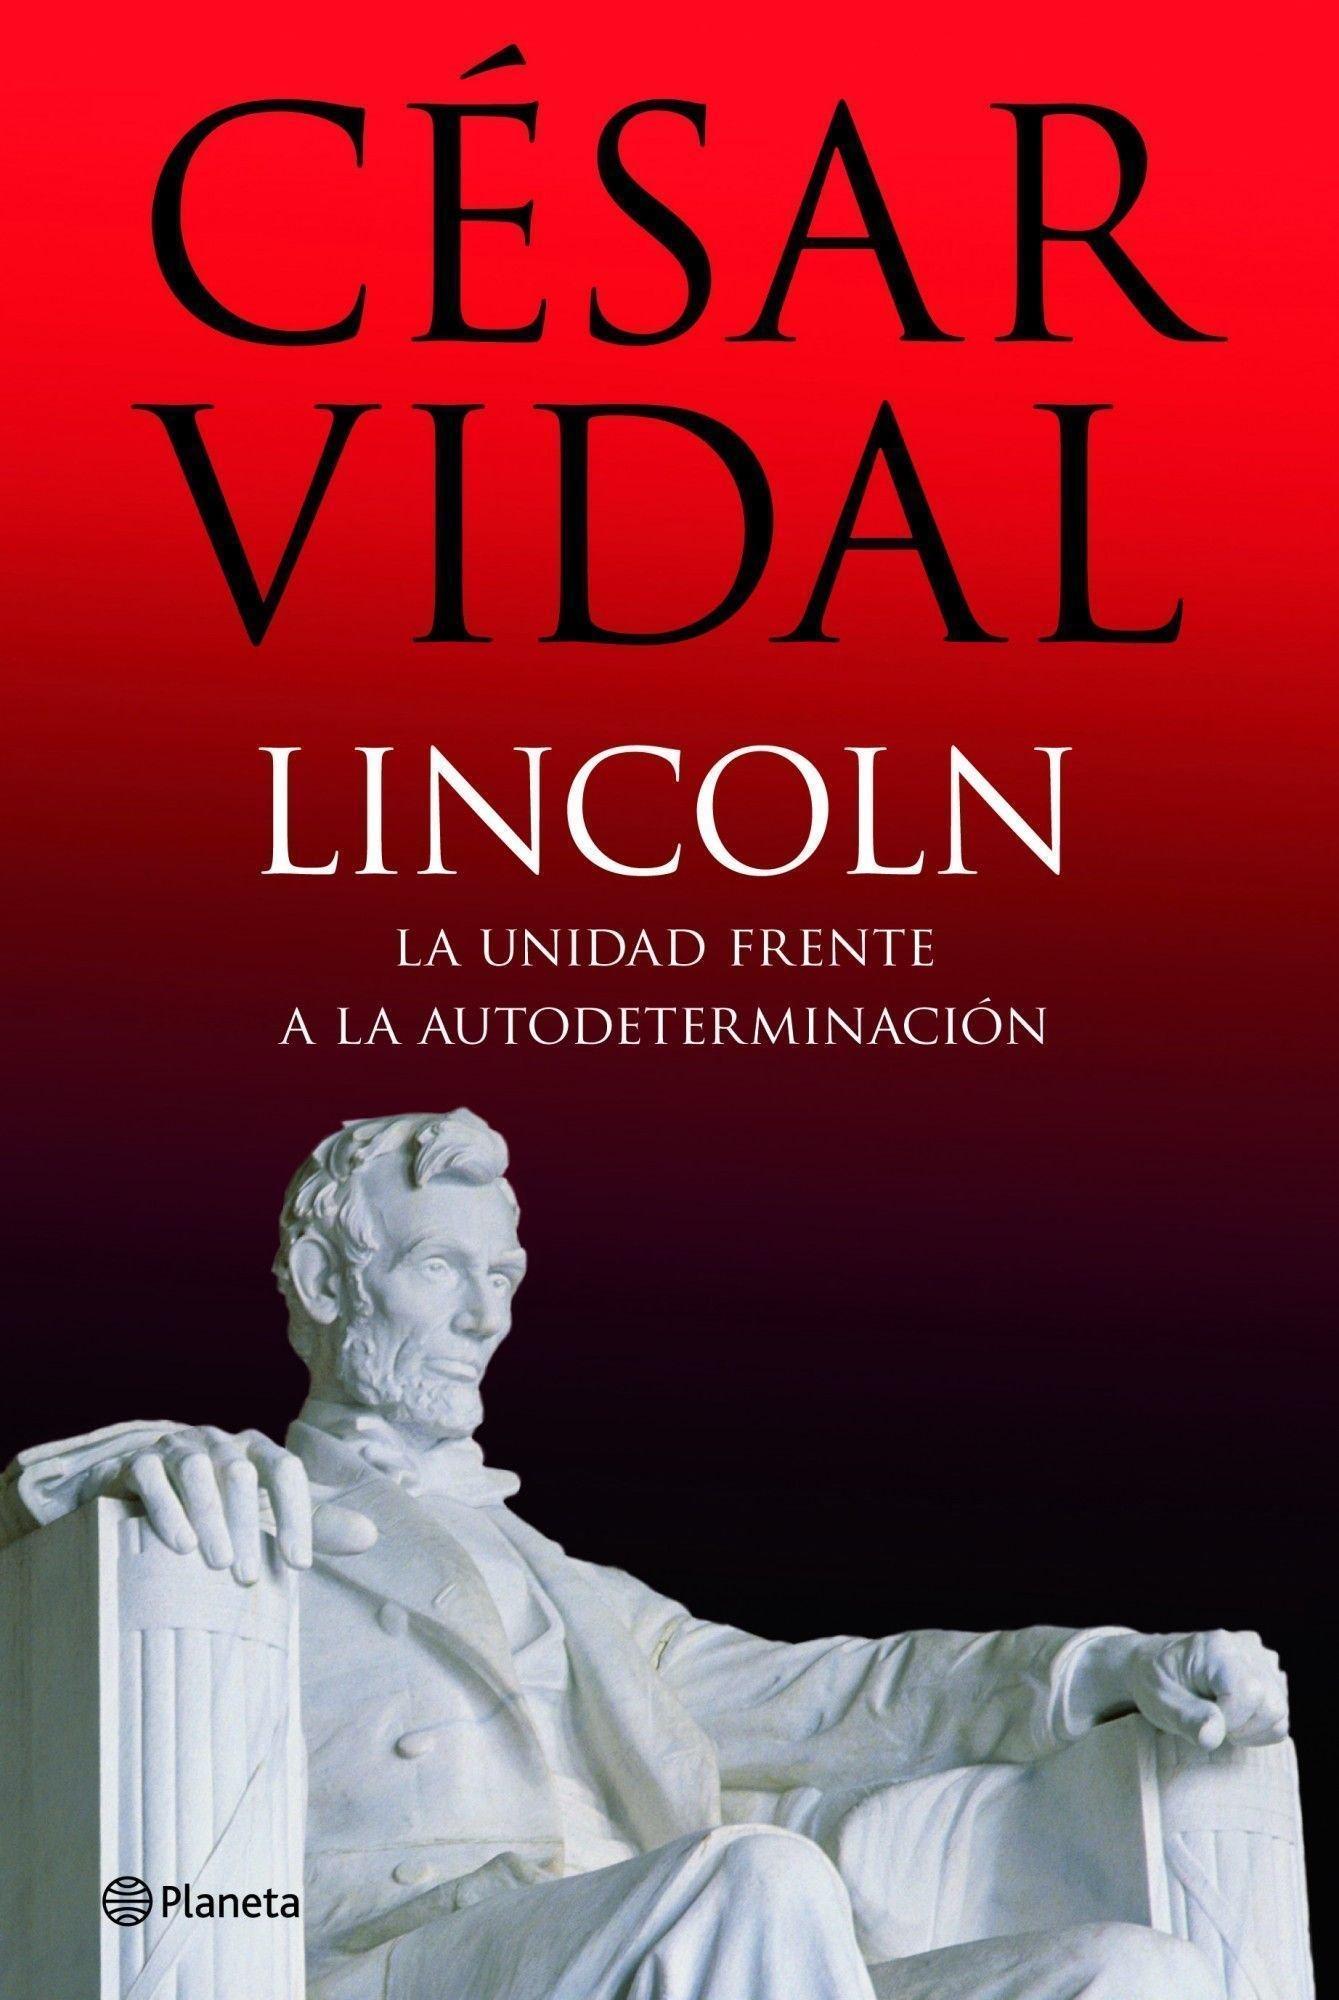 Lincoln ((Fuera de colección)): Amazon.es: Vidal, César: Libros